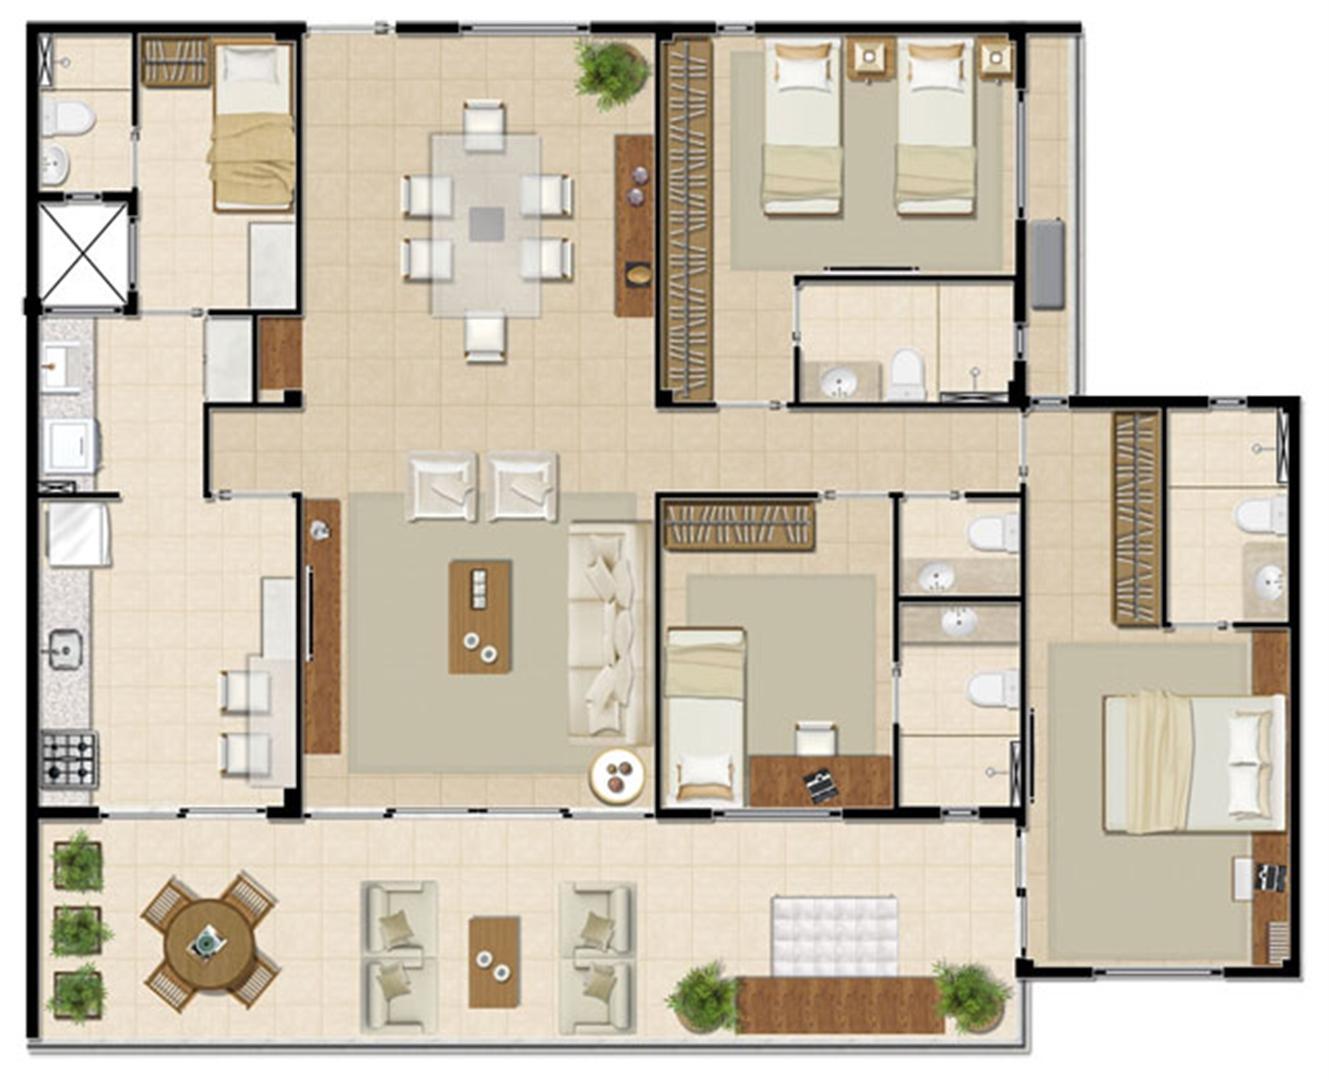 Apartamento Mar - 141 m² | Mandara Lanai – Apartamento no  Porto das Dunas - Aquiraz - Ceará